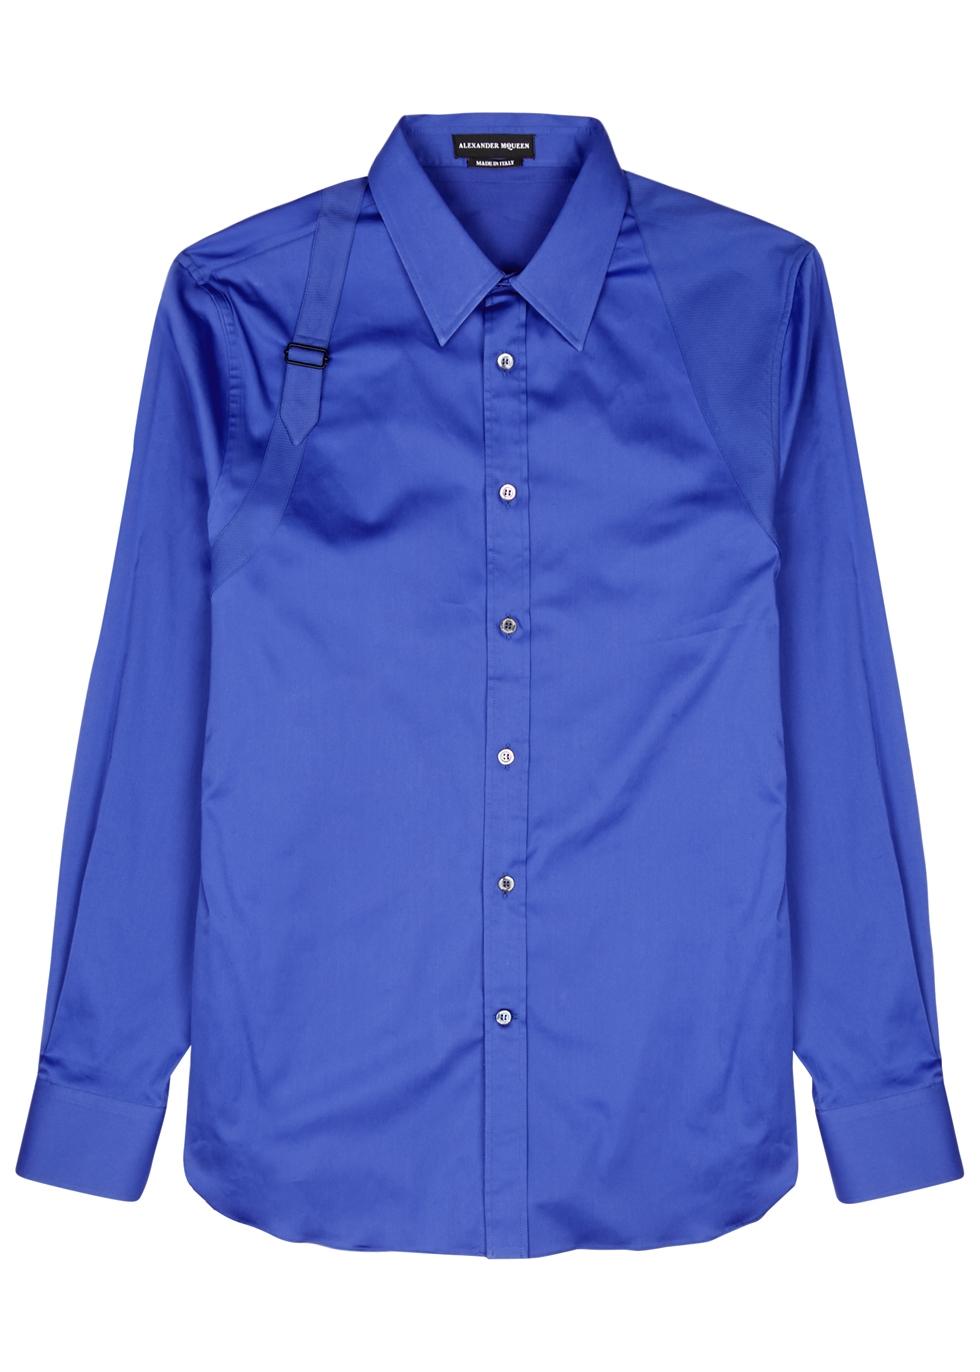 ALEXANDER MCQUEEN BLUE HARNESS COTTON-BLEND SHIRT